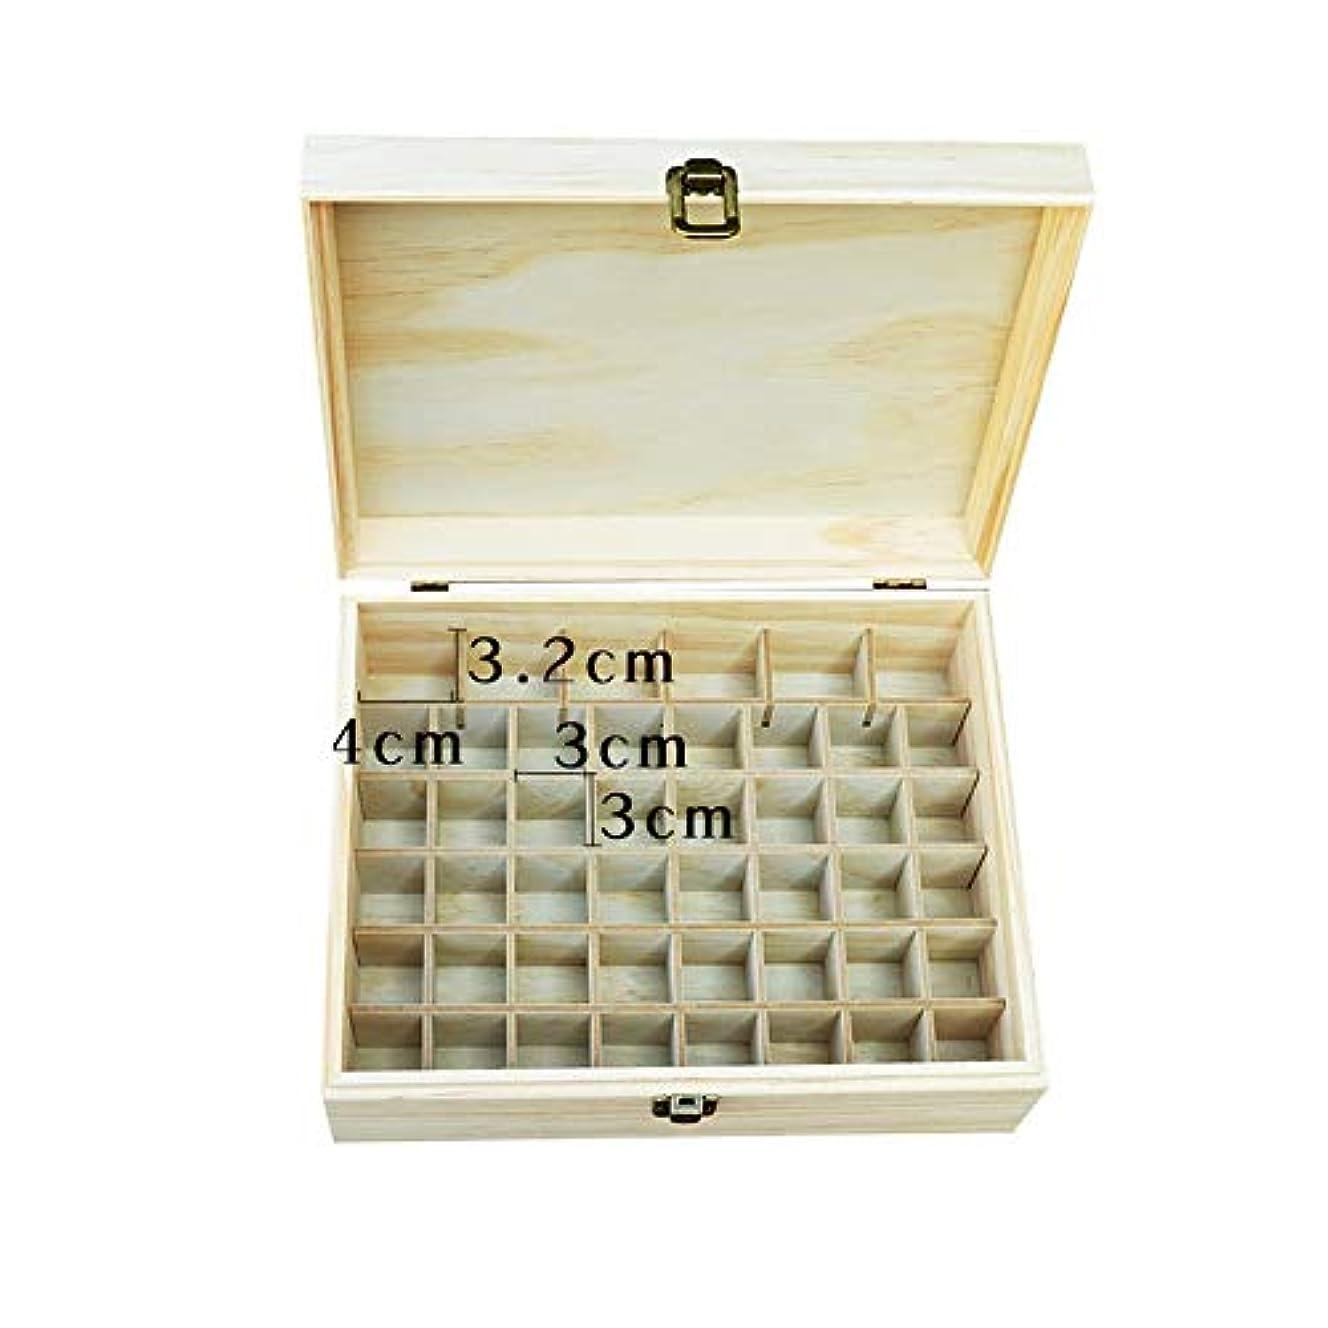 到着するイノセンスりんごエッセンシャルオイルストレージボックス 大46ボトル木製のエッセンシャルオイルストレージボックスを 旅行およびプレゼンテーション用 (色 : Natural, サイズ : 22.2X10.2X8.2CM)